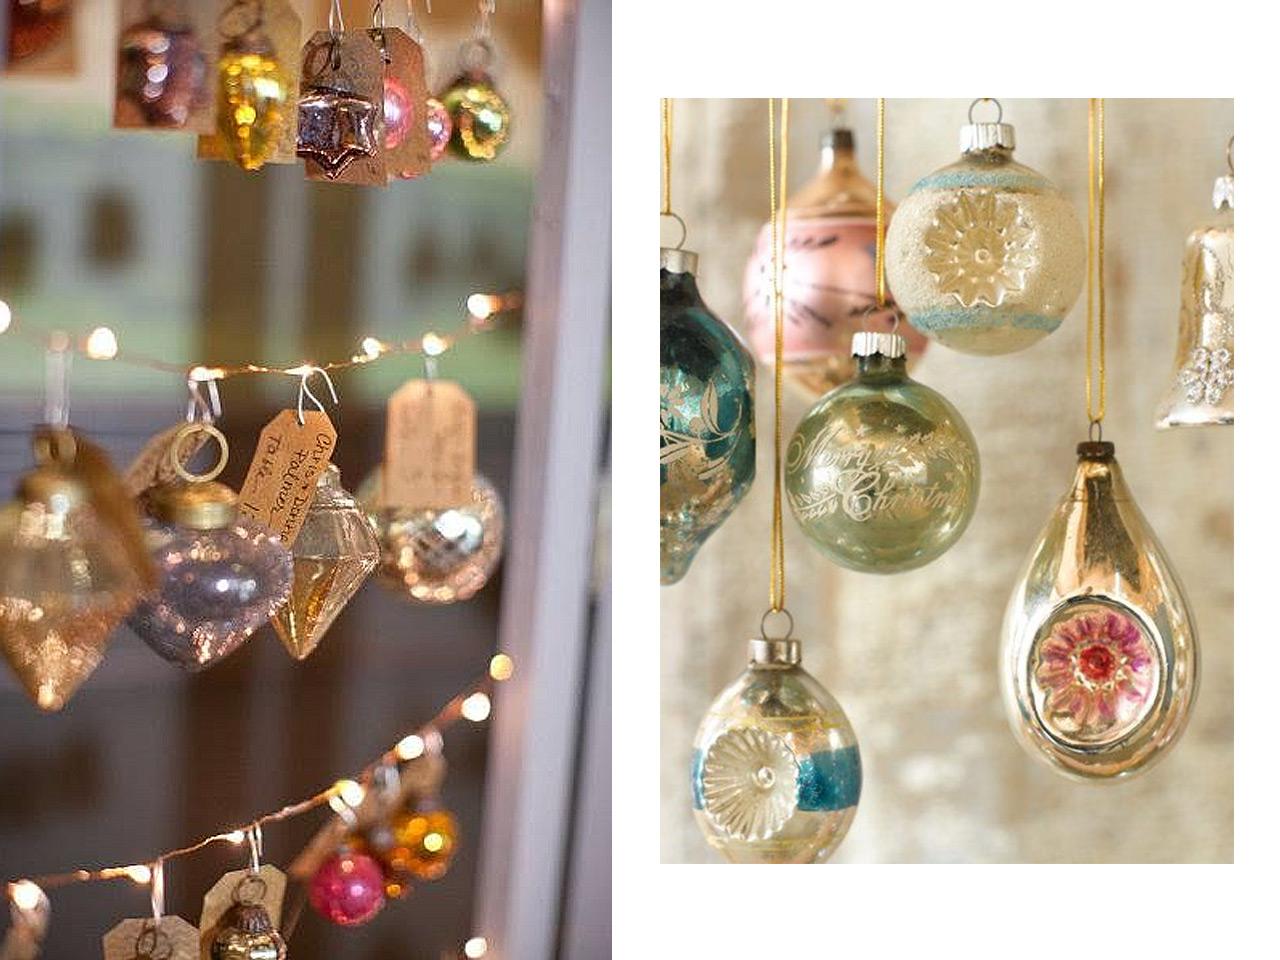 e507a833e5e0e Guirnalda luminosa con adornos y bolas vintage vistas en Pinterest.